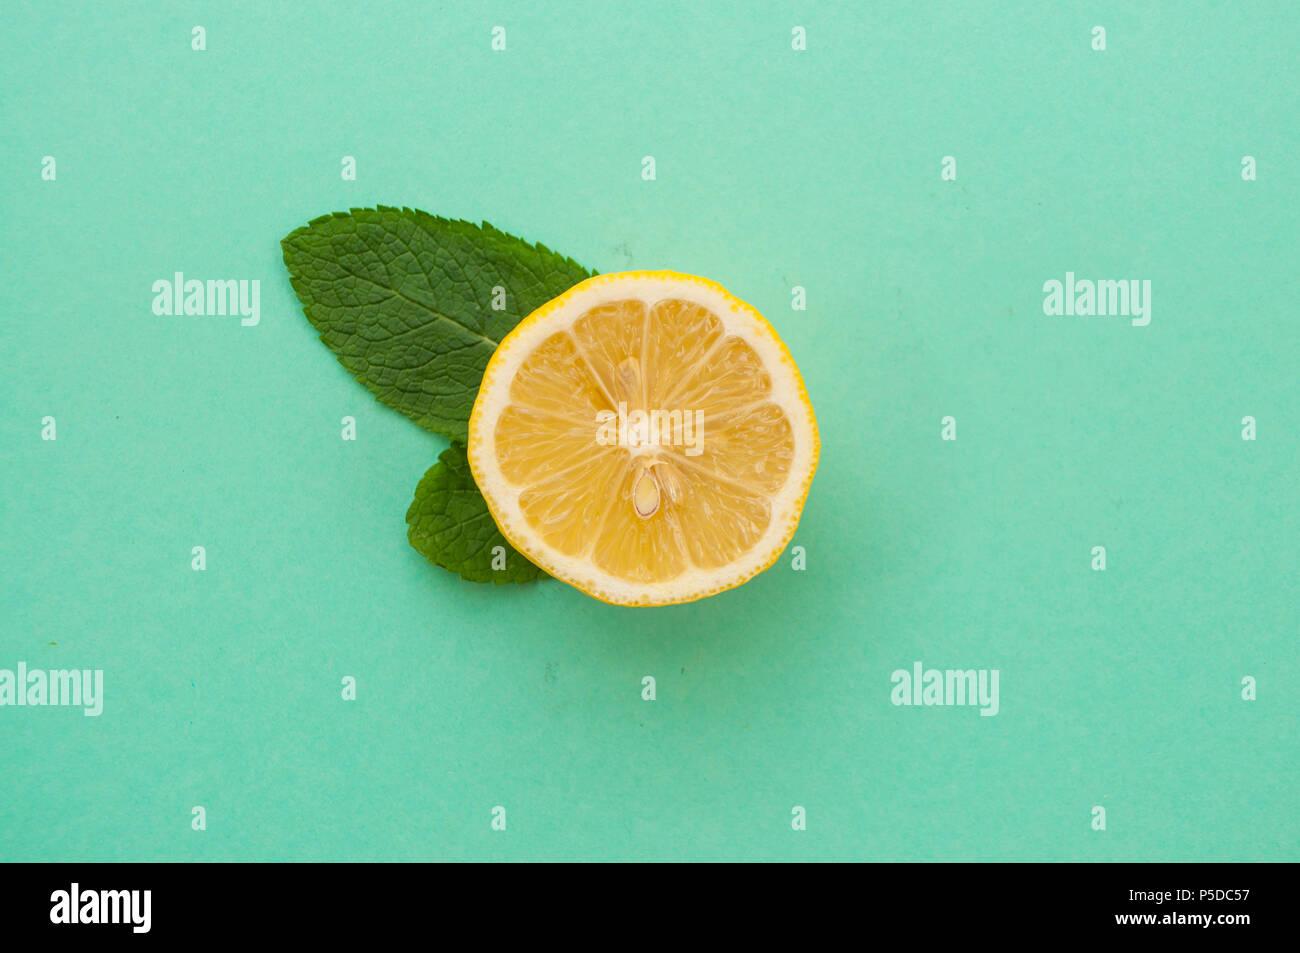 Plano de corte laico, limón y hojas de menta ingredientes. Imagen De Stock